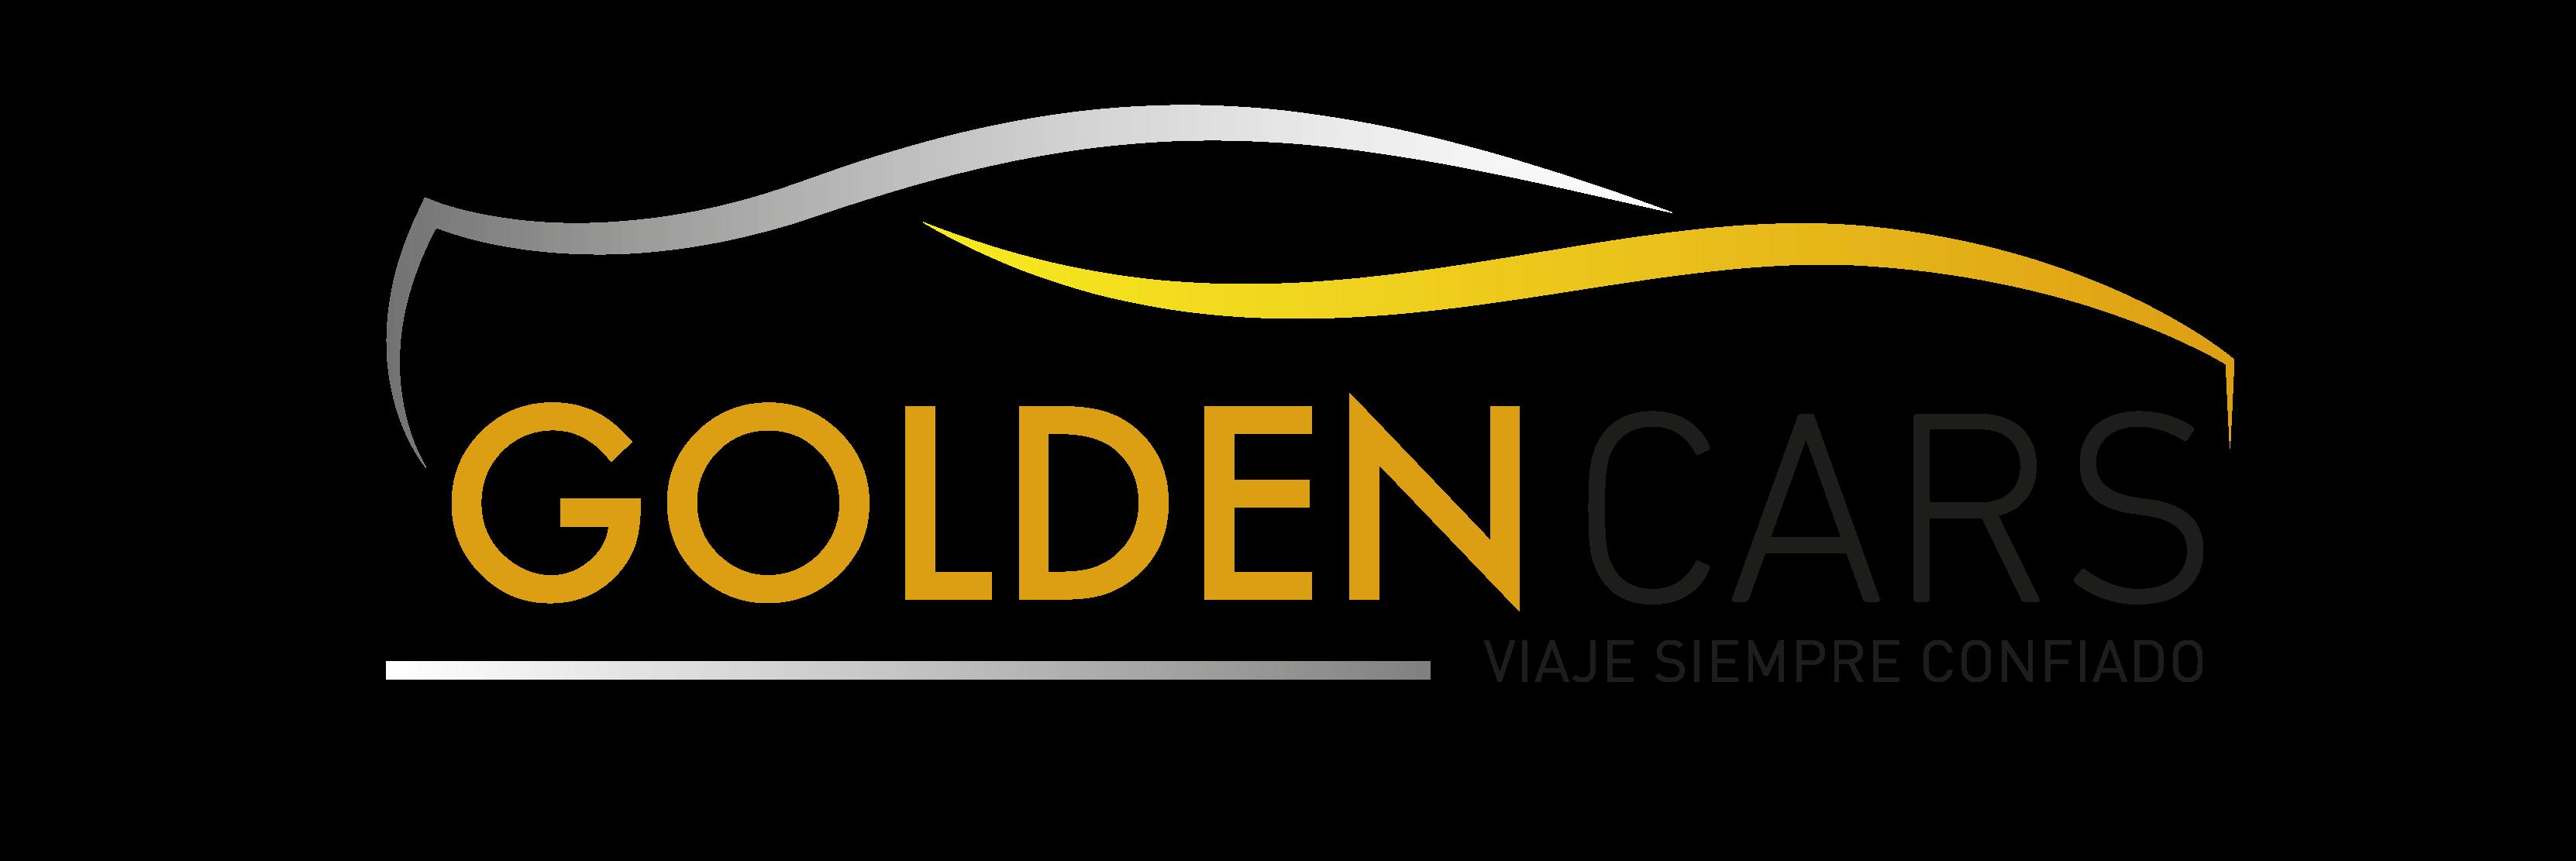 Goldencars